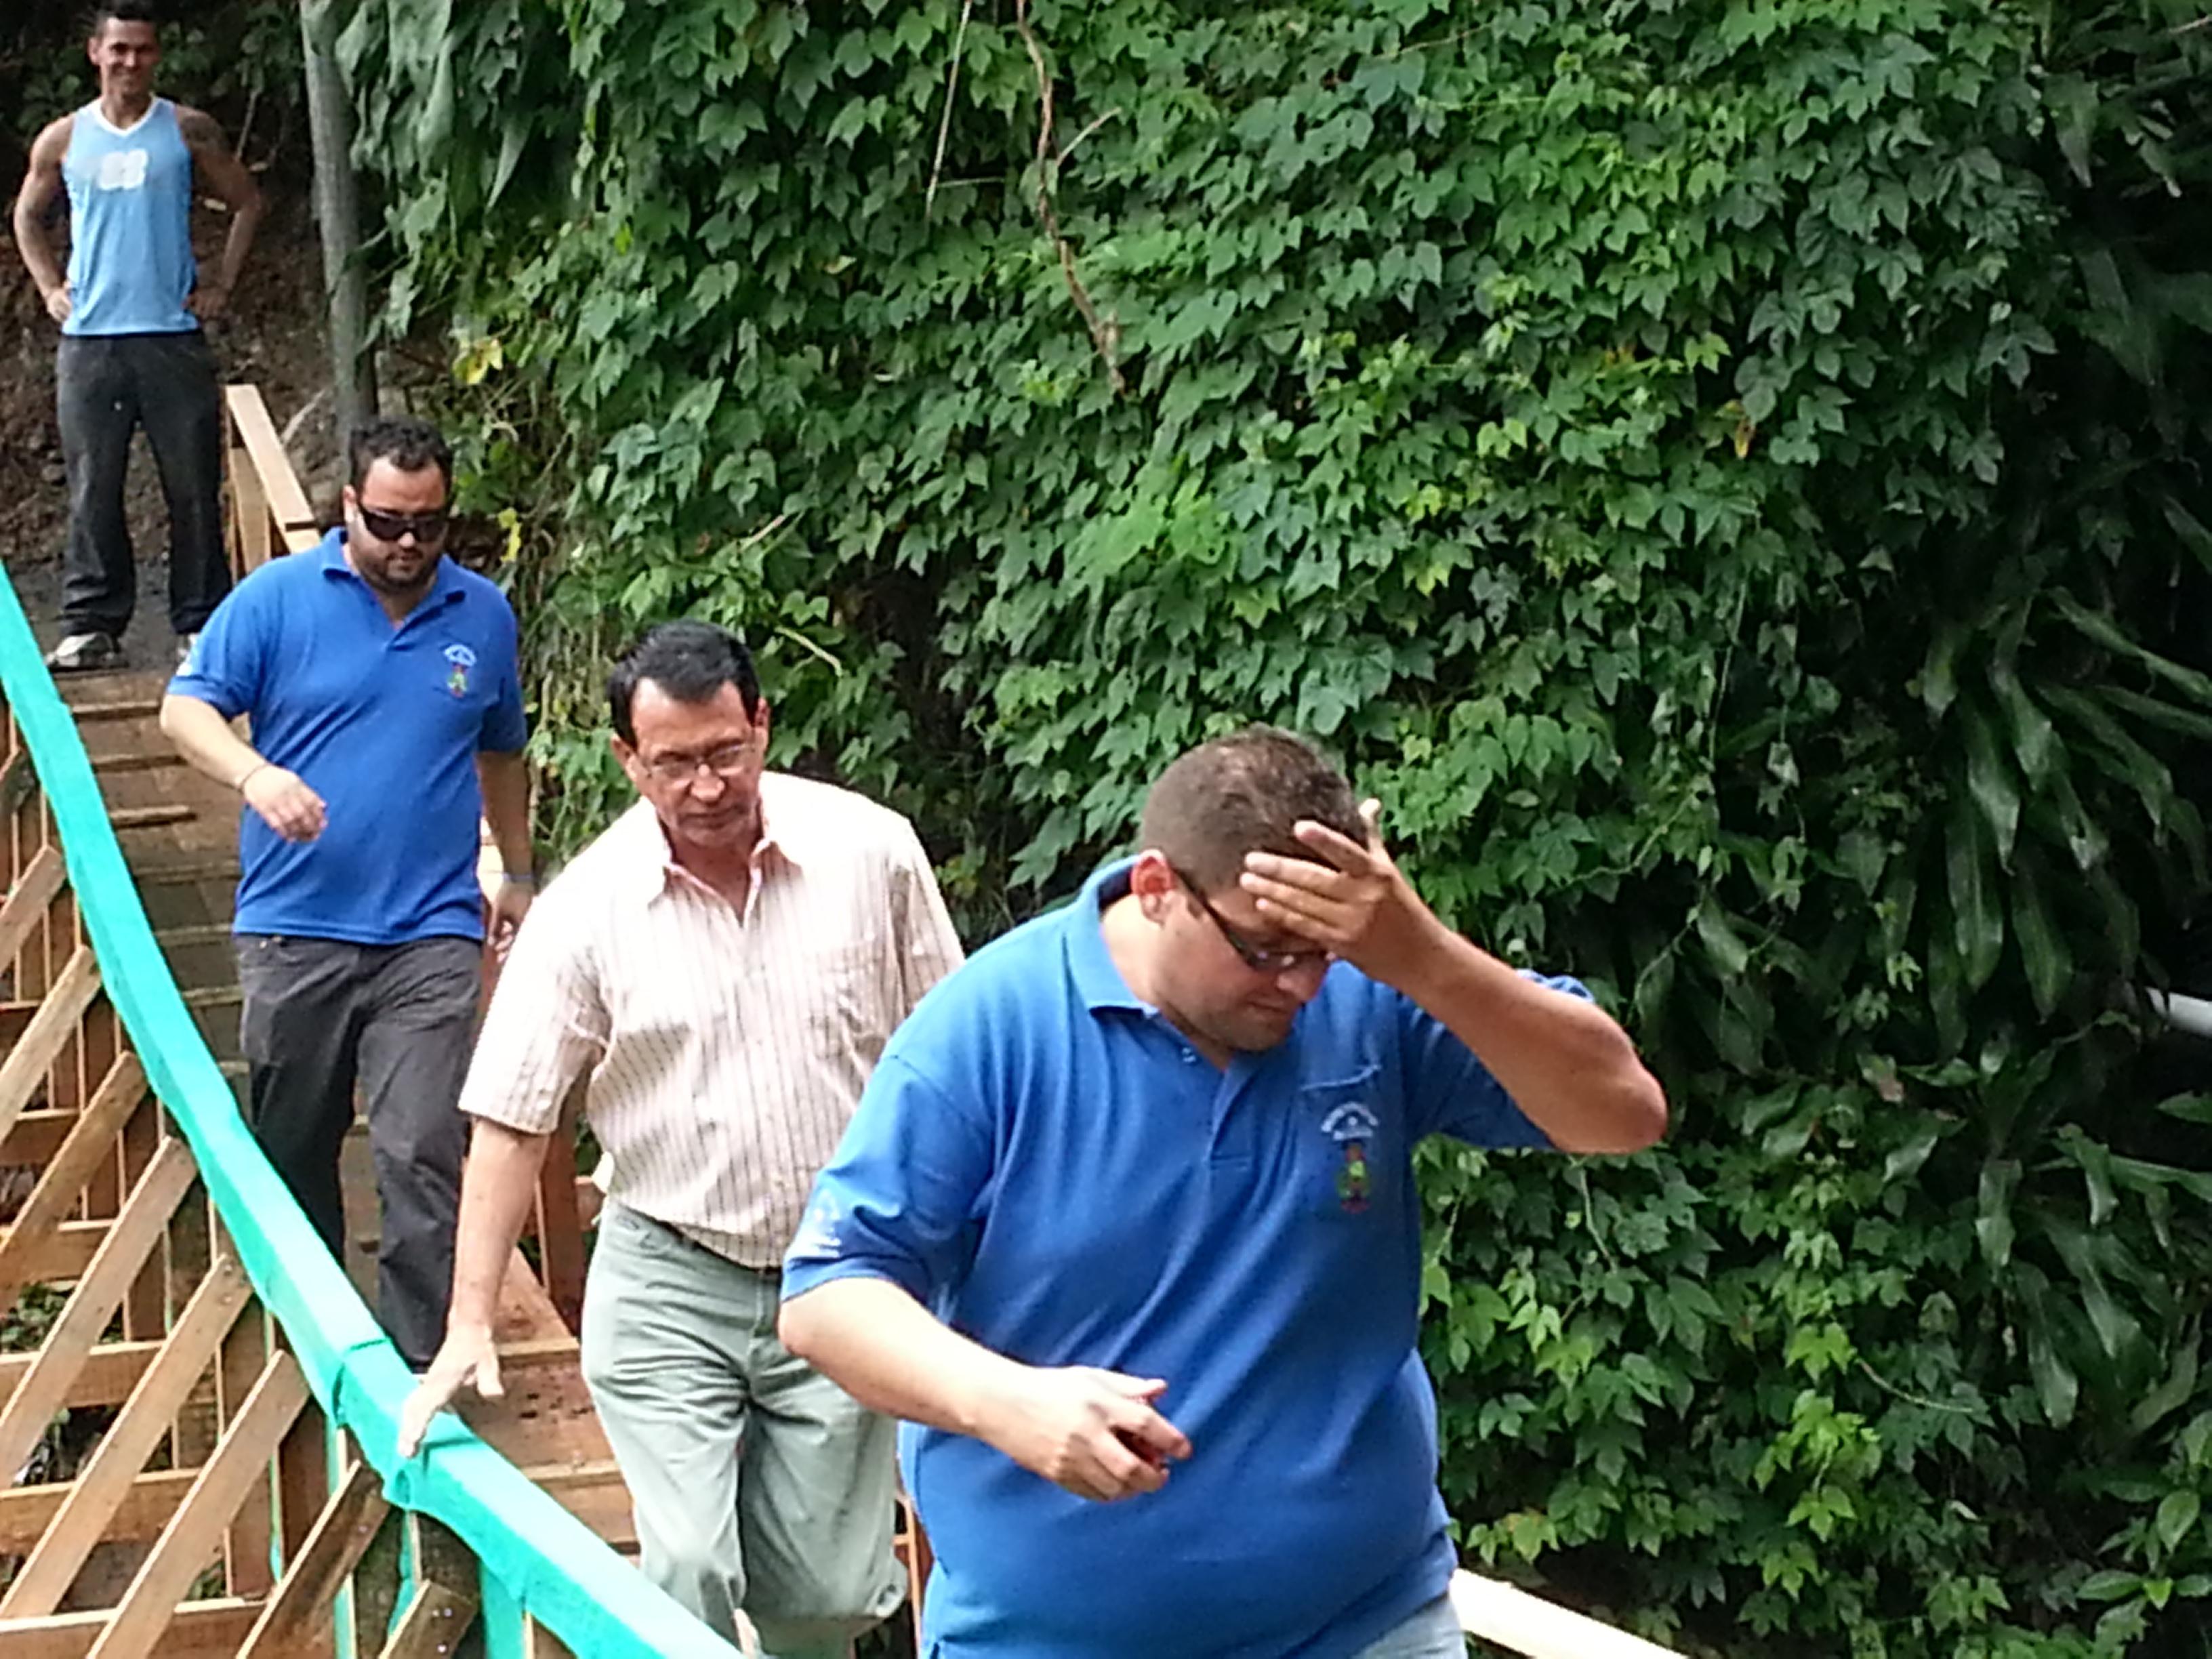 Nelson Castro, promotor social del municipio de Acosta, Luis Durán, alcalde, y el Carlos Pérez visitaron hoy el puente en Tablazo.